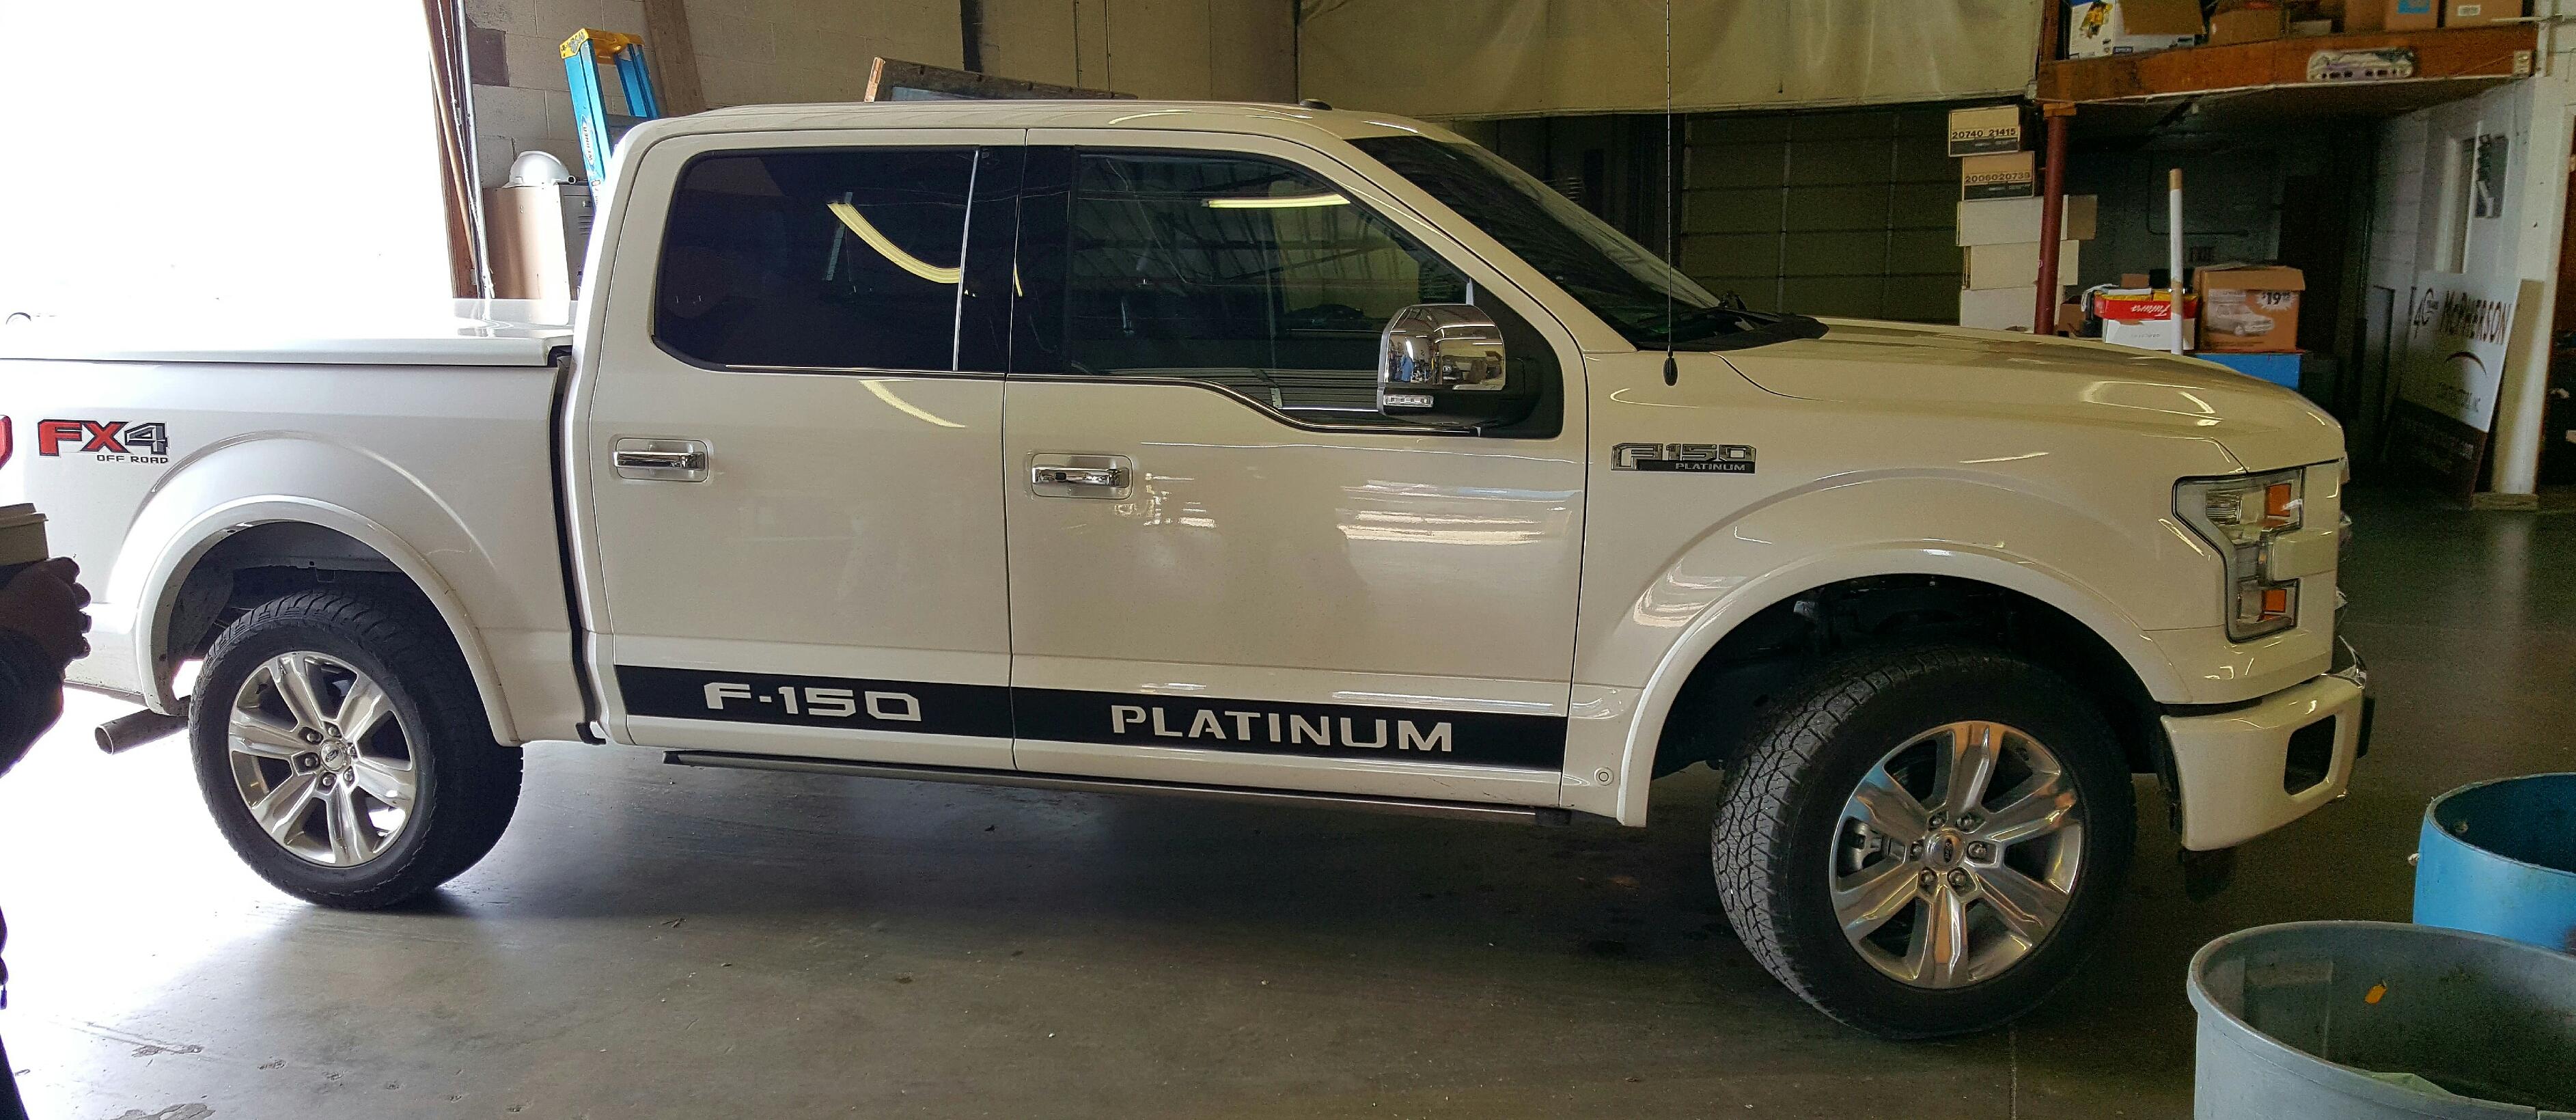 F150 Platinum